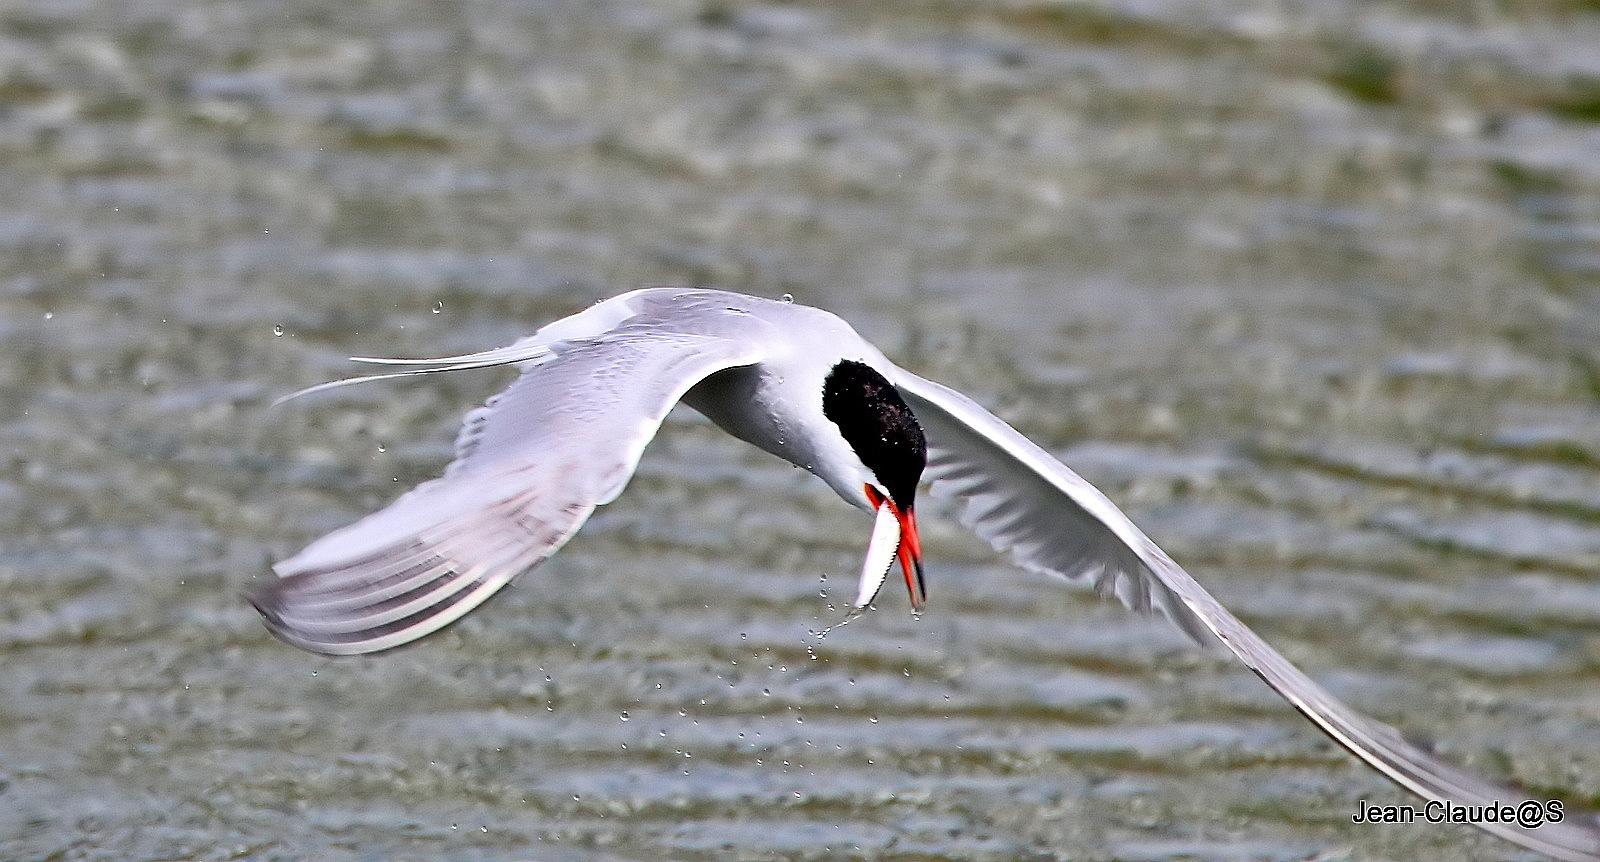 Les oiseaux de la Ria d'Etel - Page 5 Img_0051_filtered-54a6933